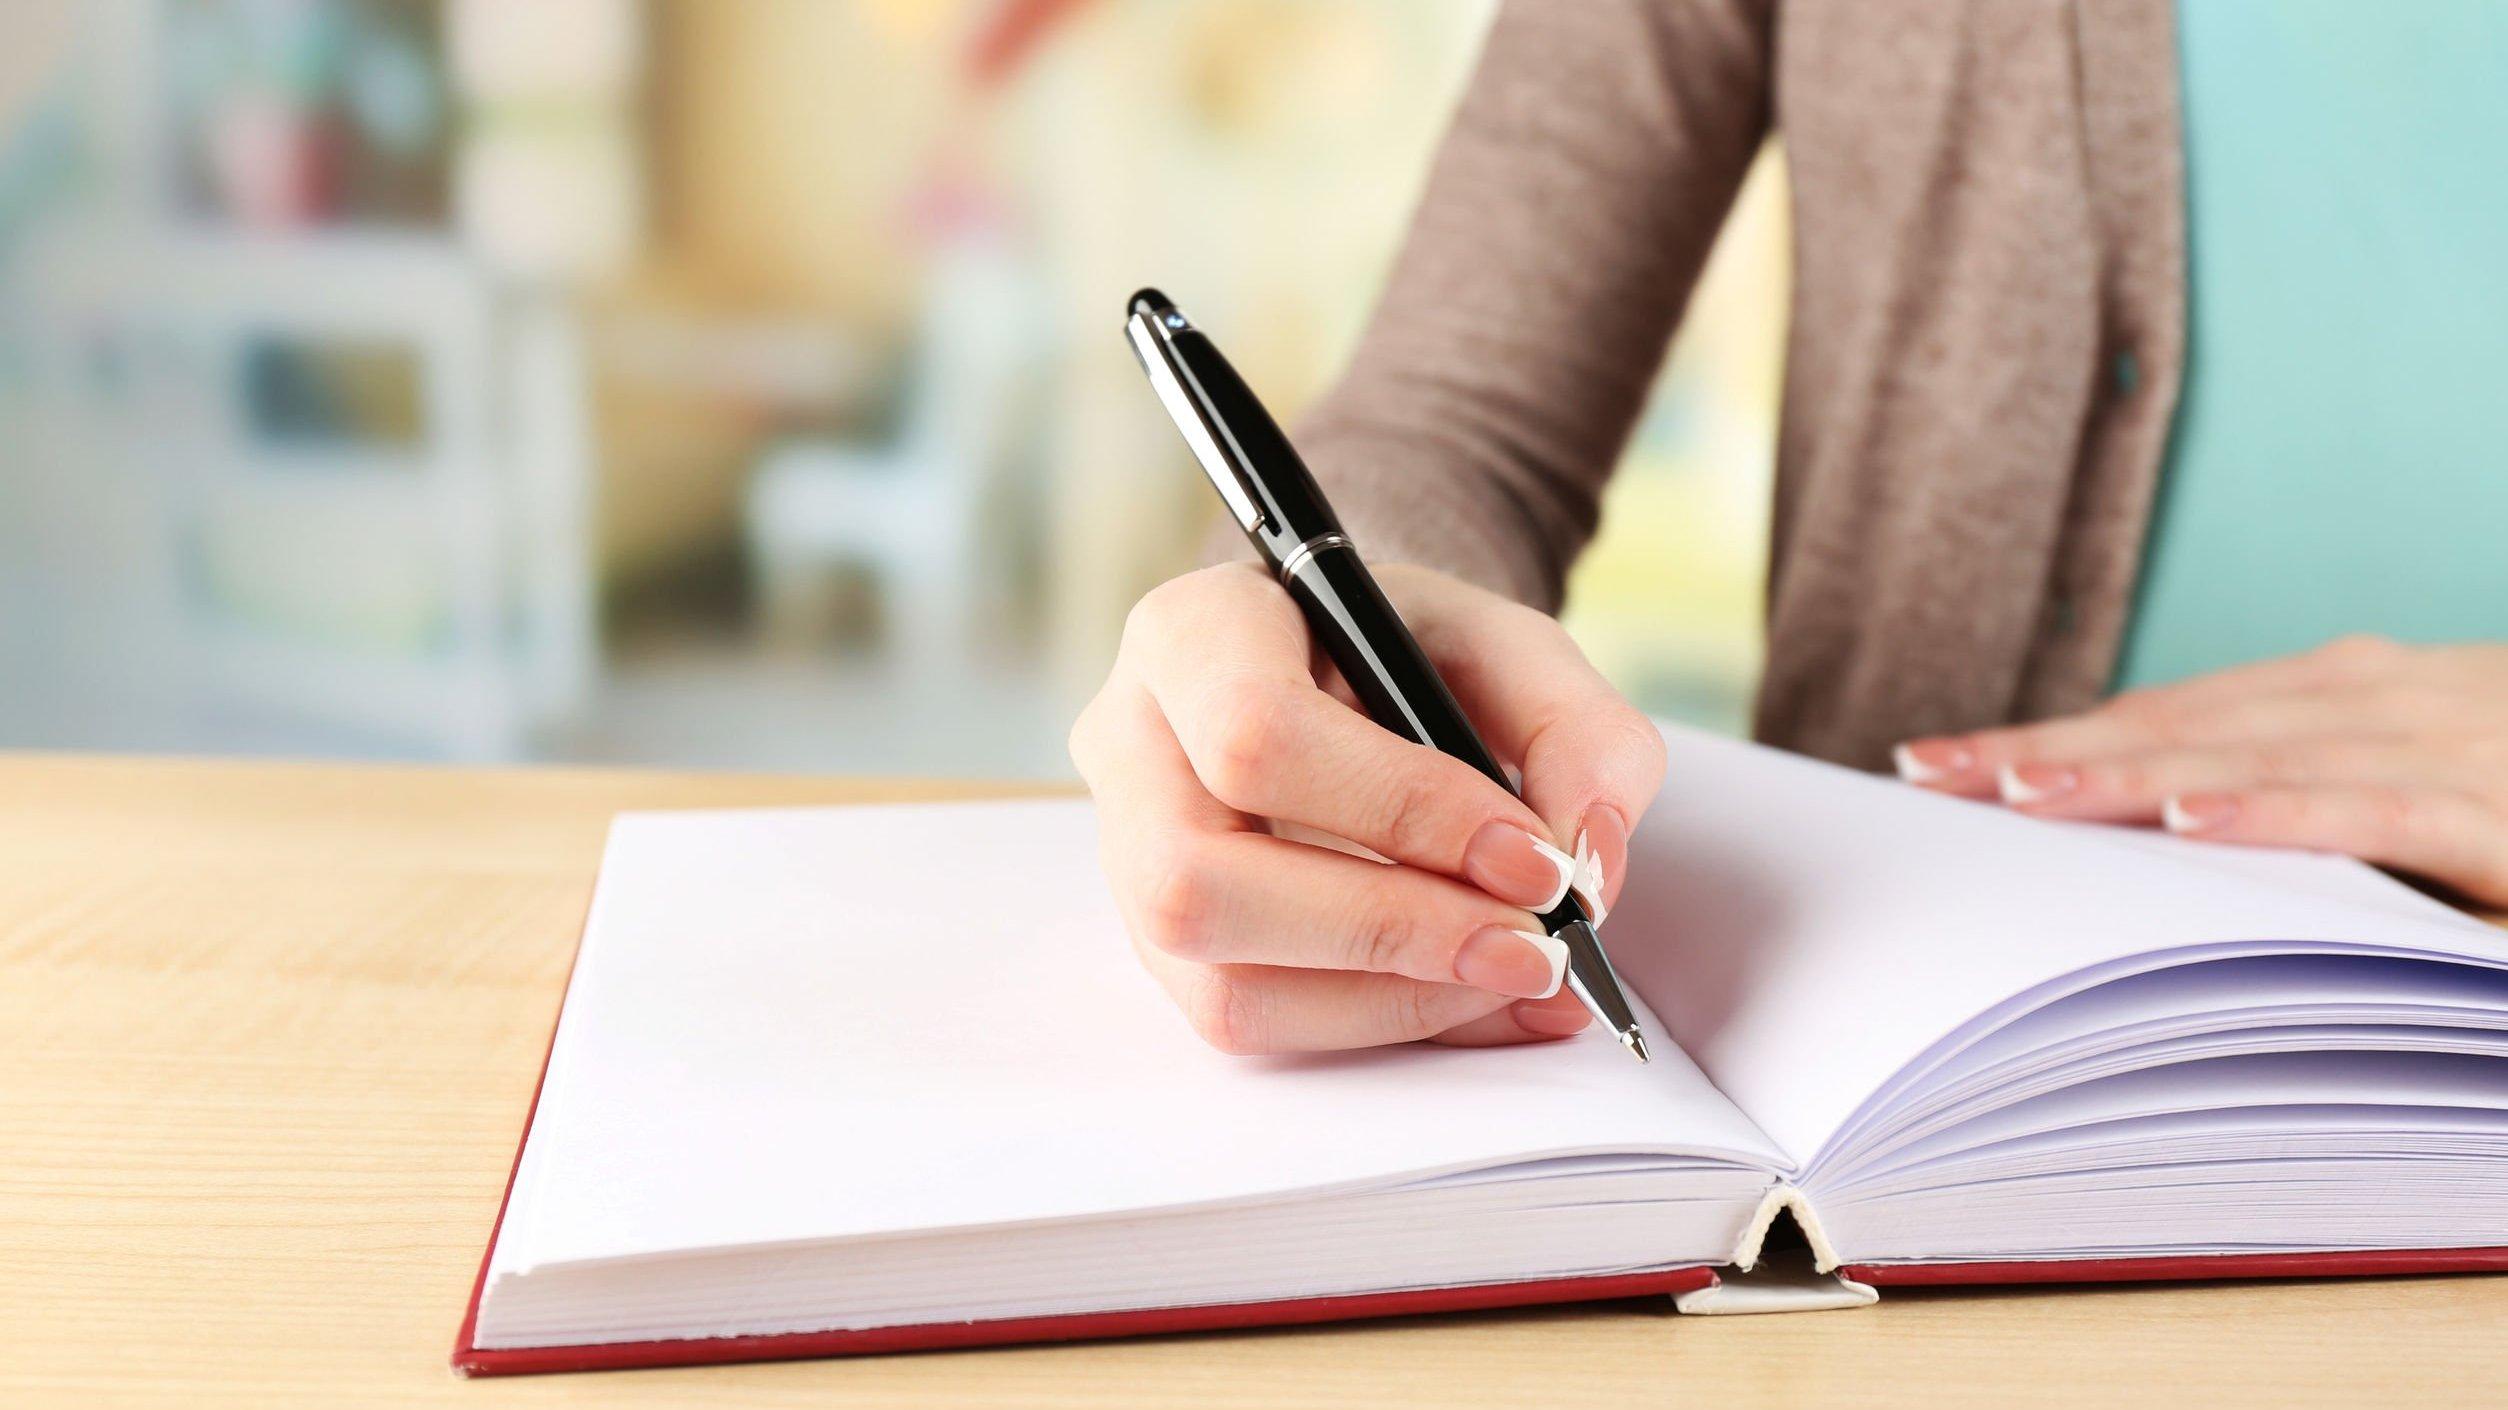 Mulher escrevendo em um caderno em branco